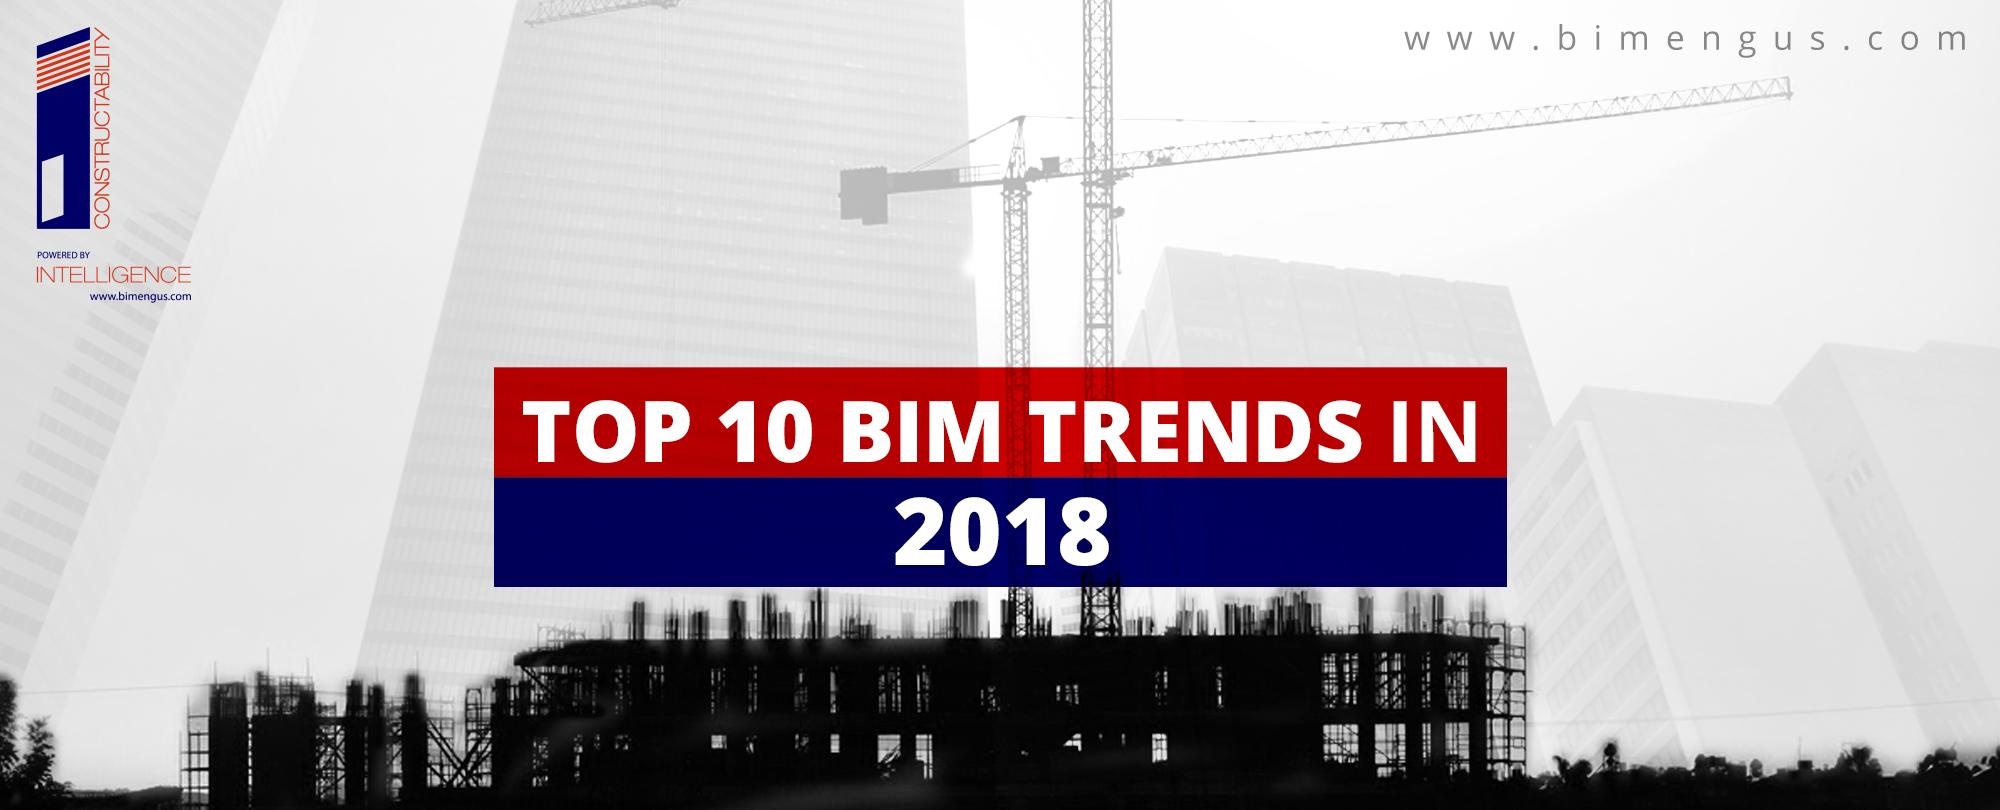 bim future trends